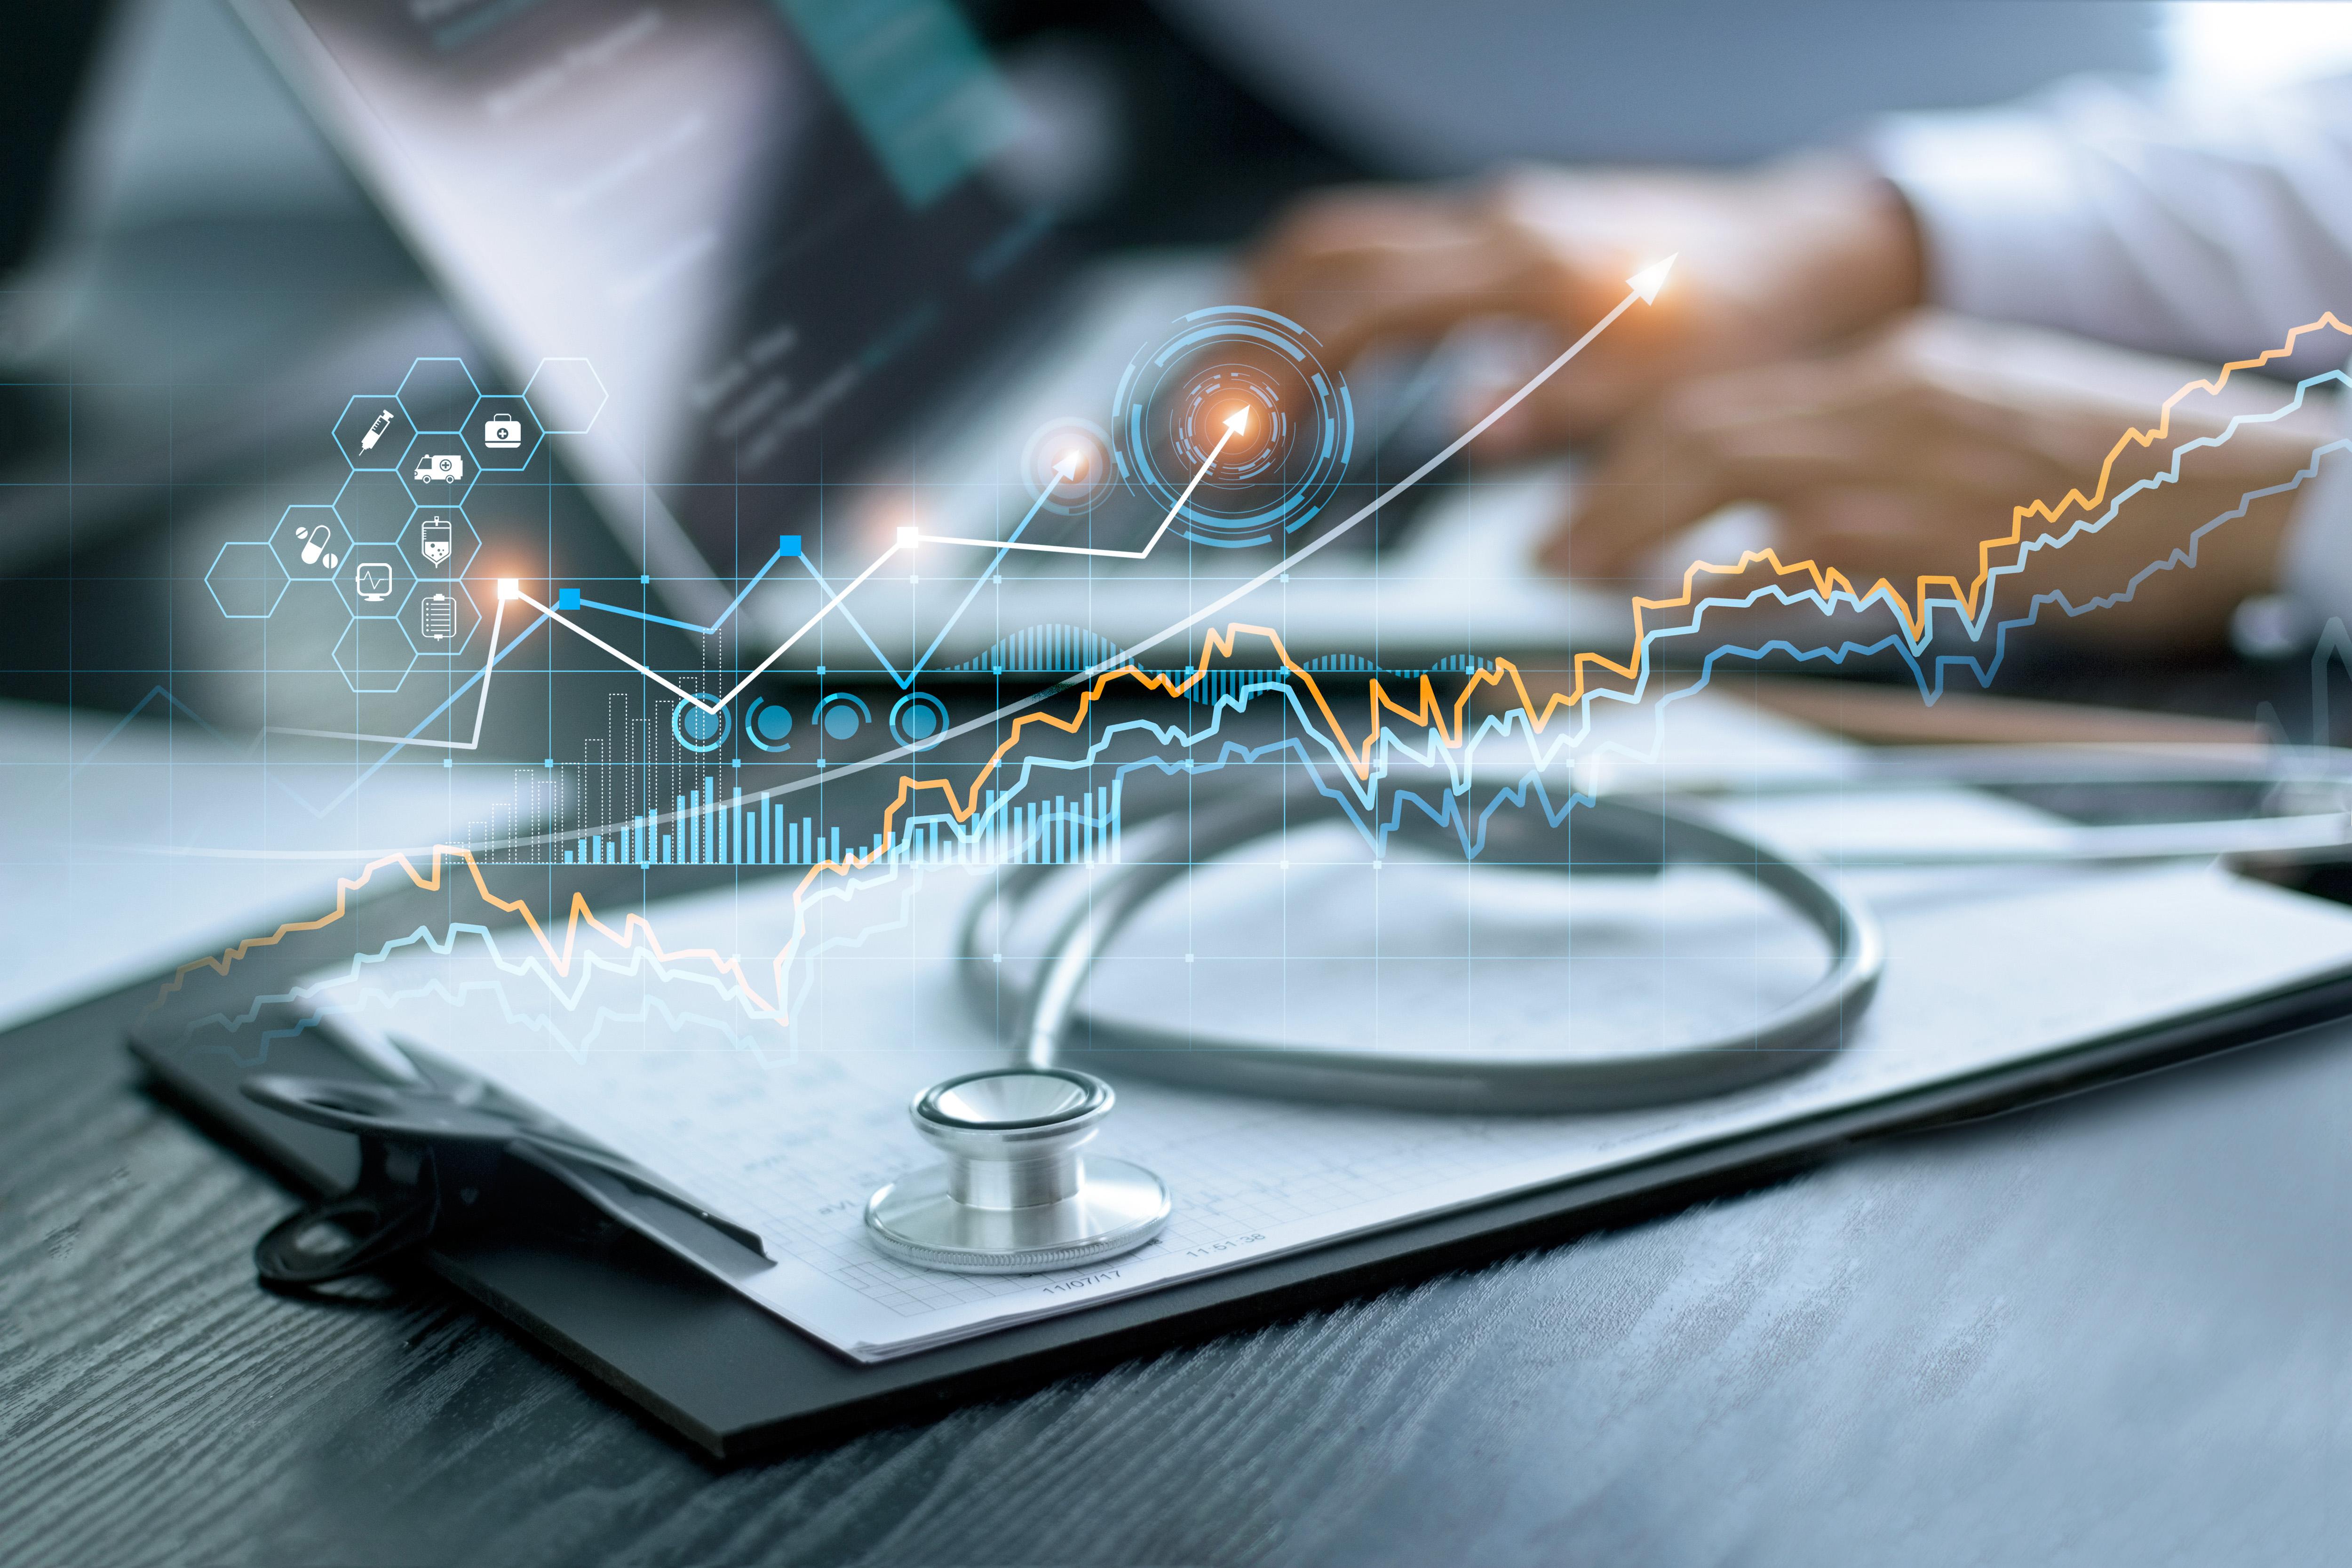 Por que o centro de diagnósticos deve investir na digitalização?